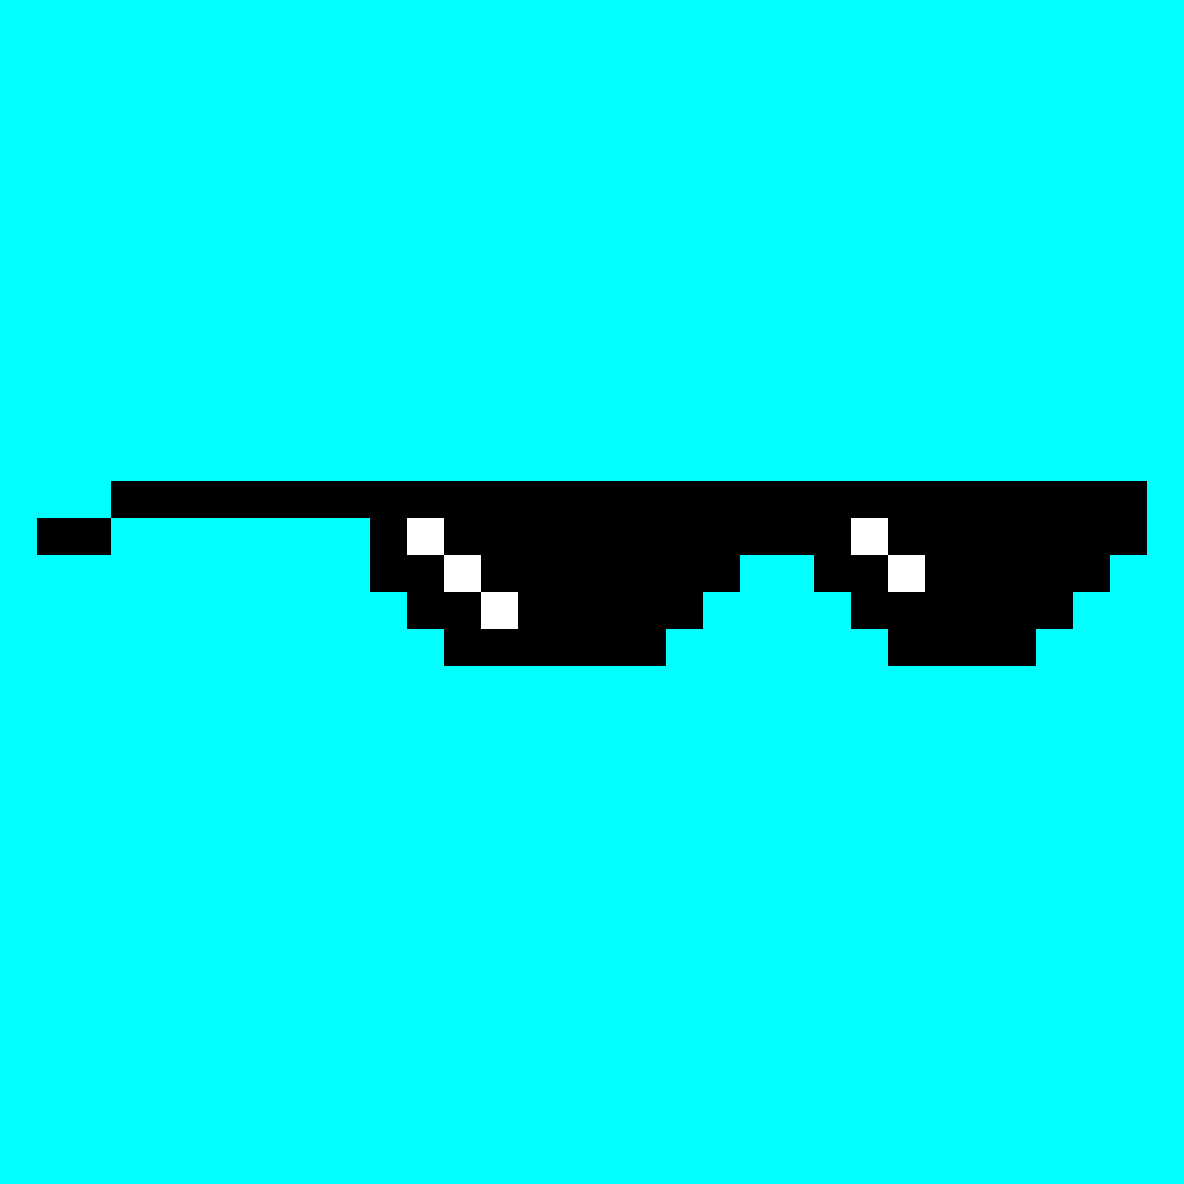 очки майнкрафт для фотошопа #2